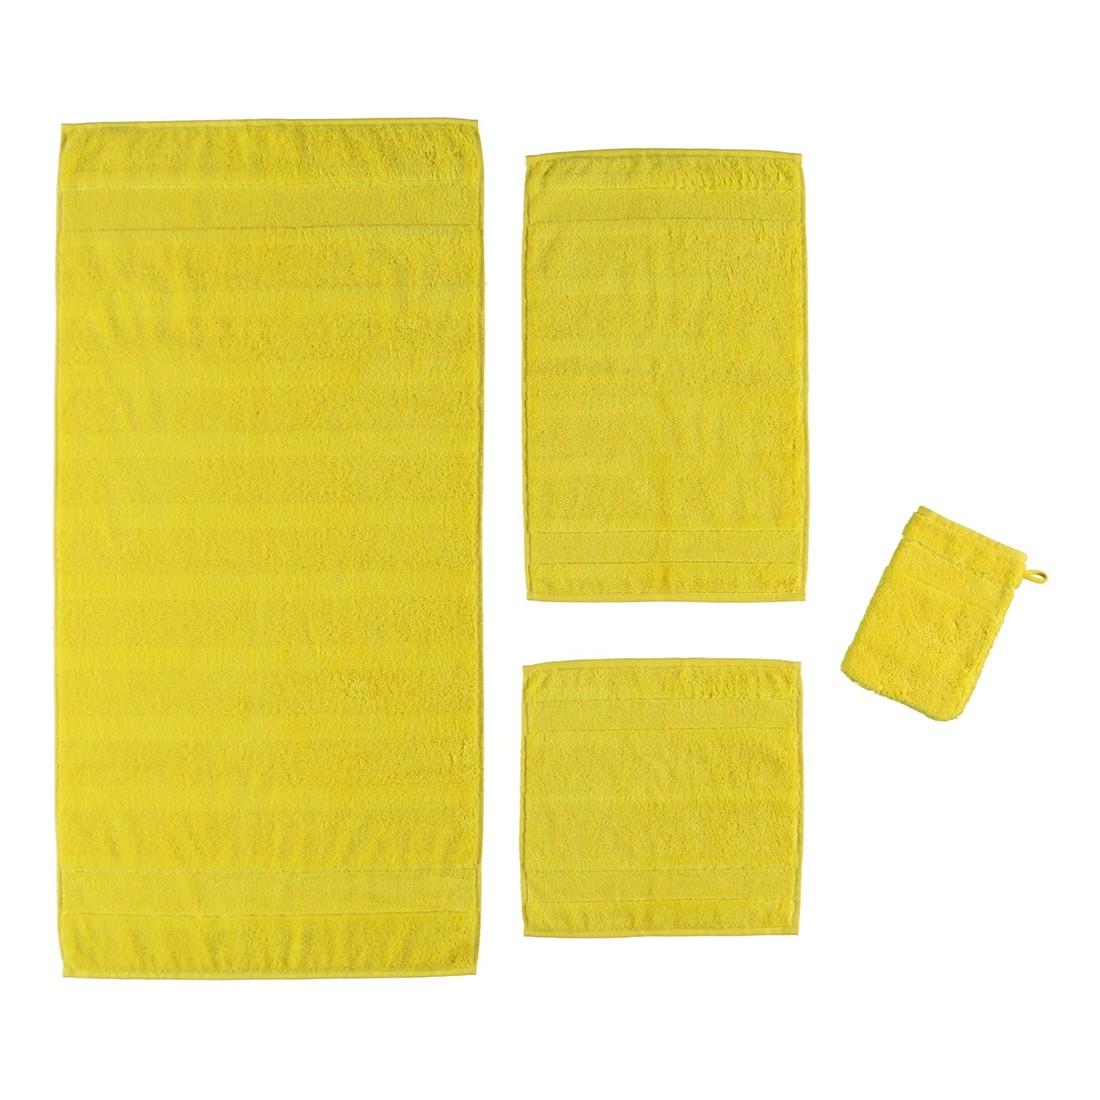 Handtuch Noblesse2 – 100% Baumwolle Gelb – 510 – Handtuch: 50 x 100 cm, Cawö online kaufen